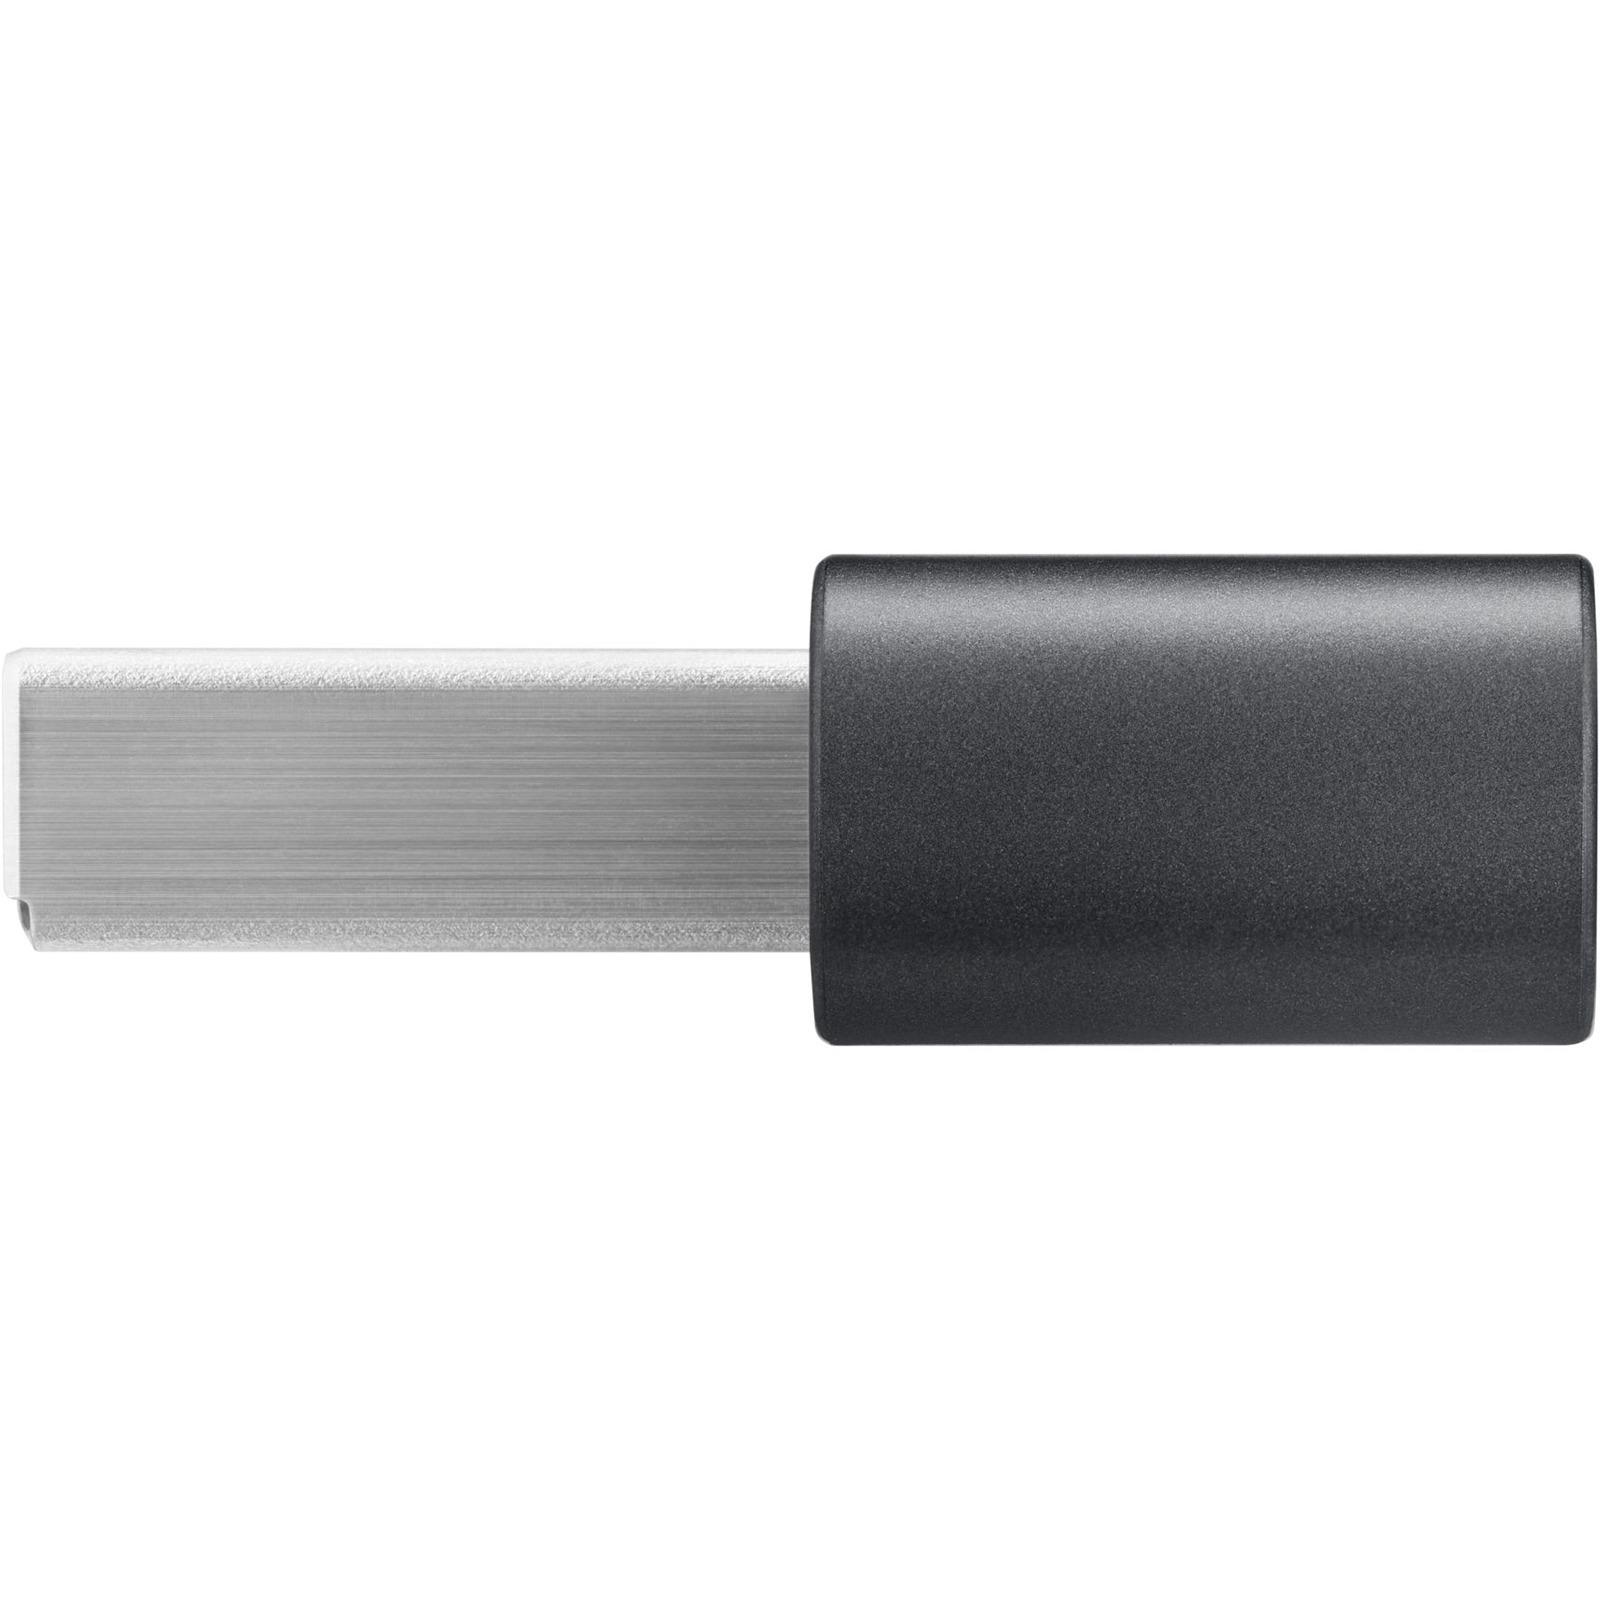 Samsung Fit Plus 256 GB USB 3.1 Type A Flash Drive - Black